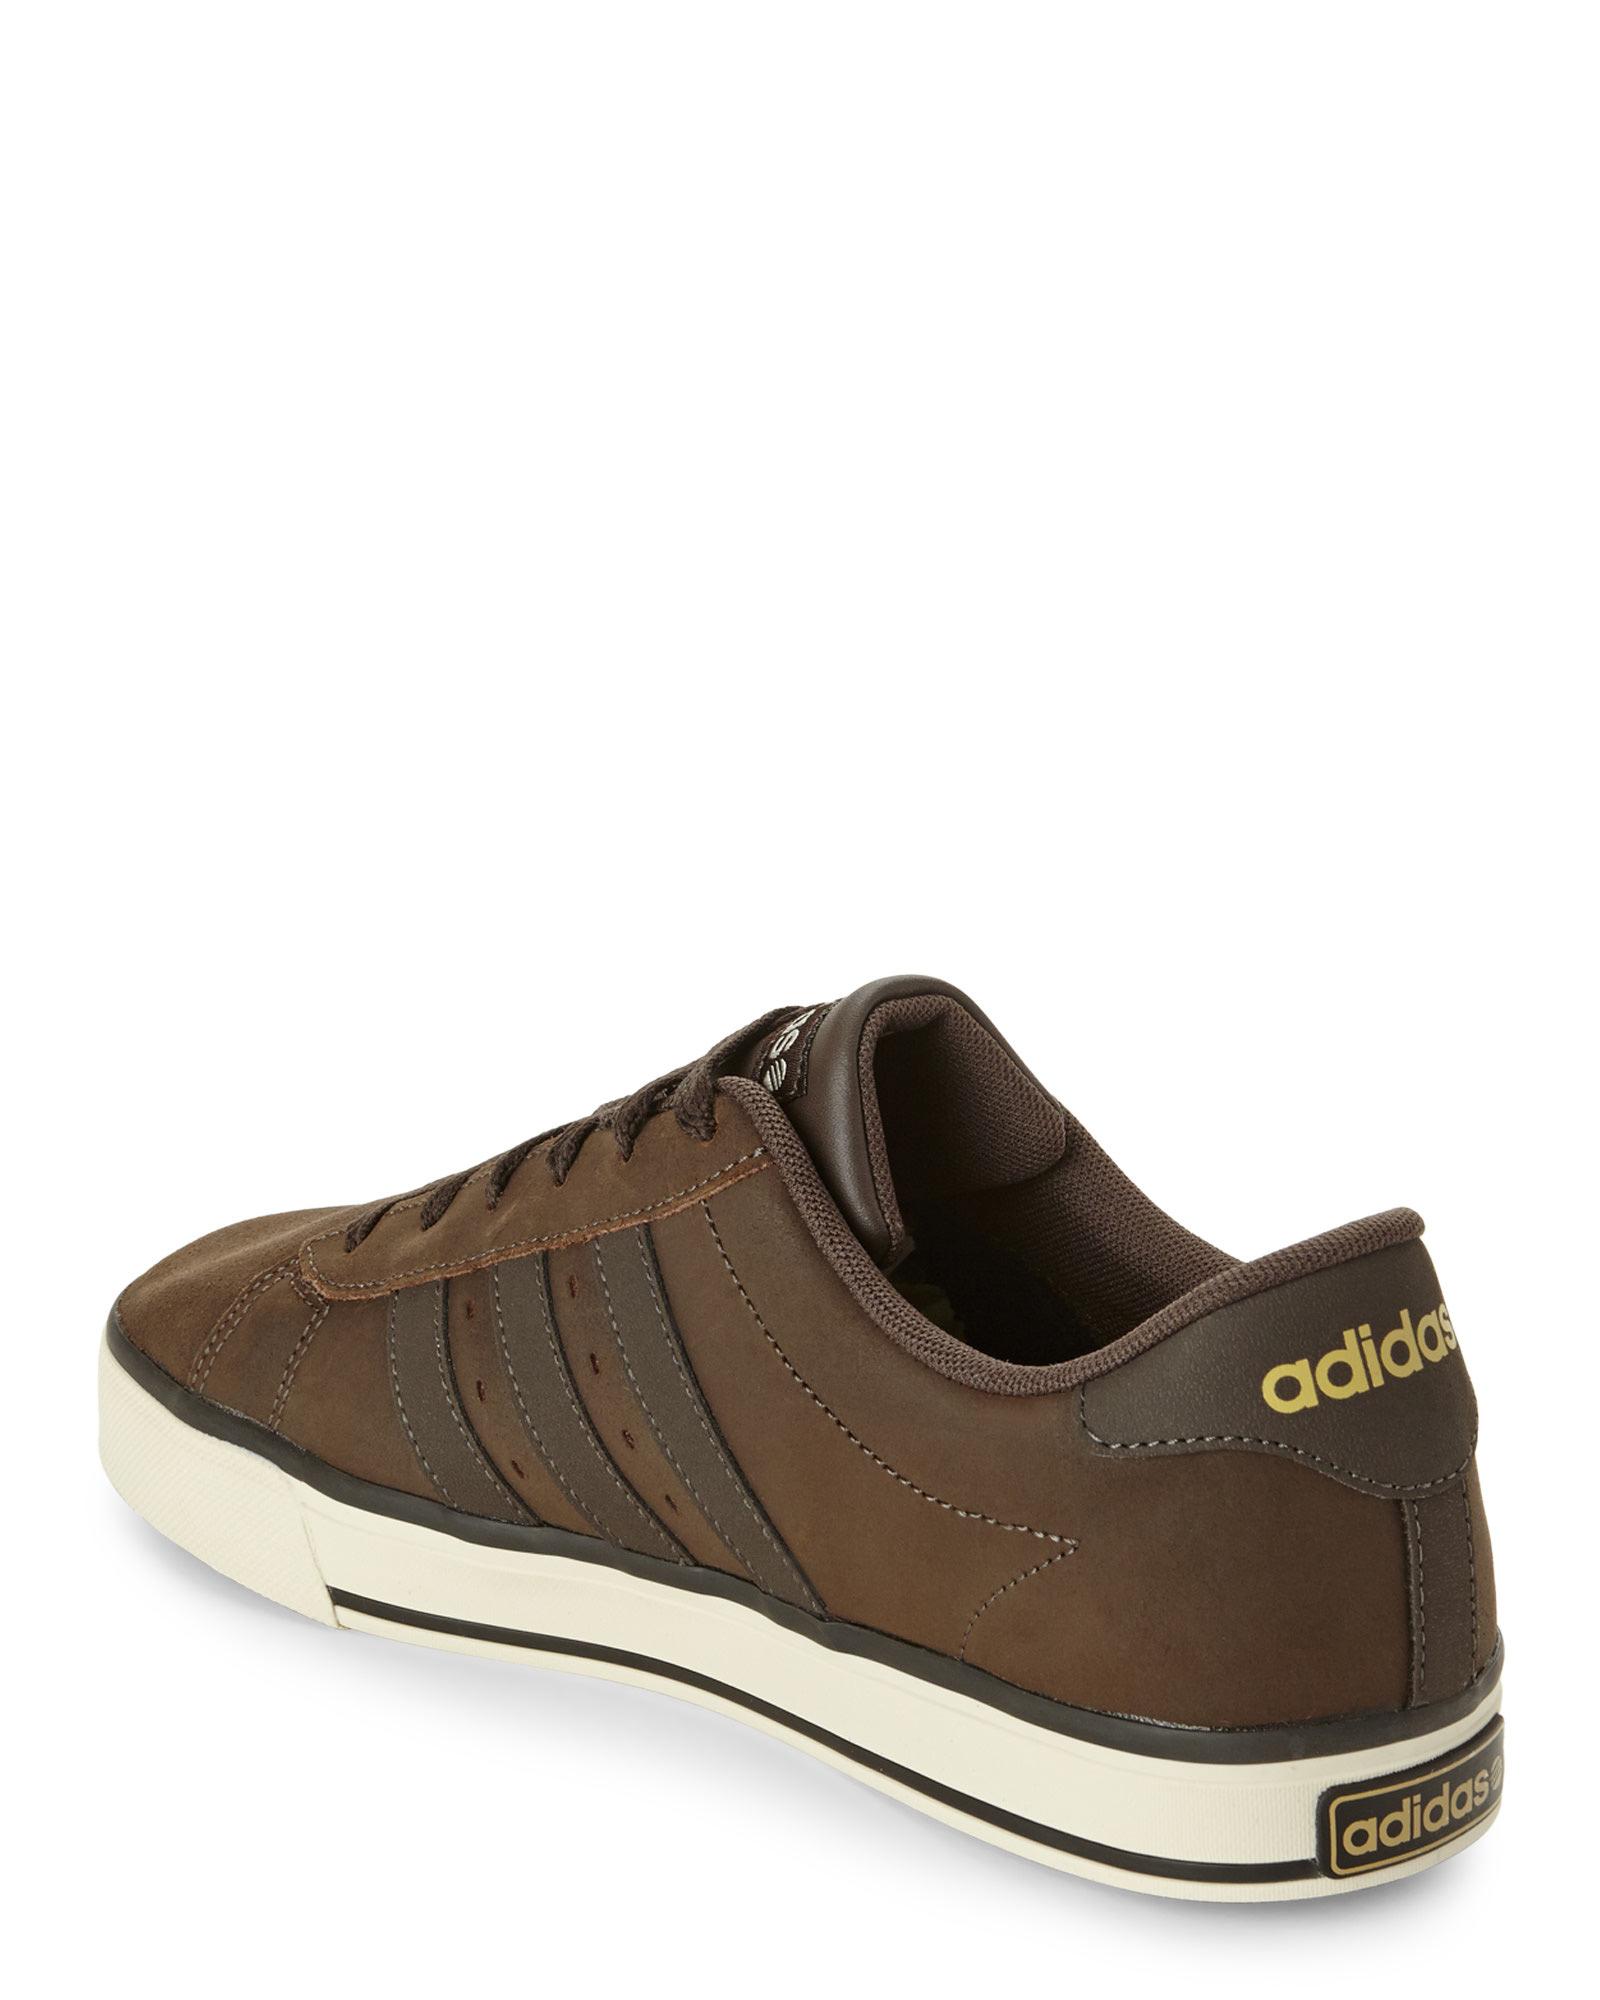 adidas brown sneakers